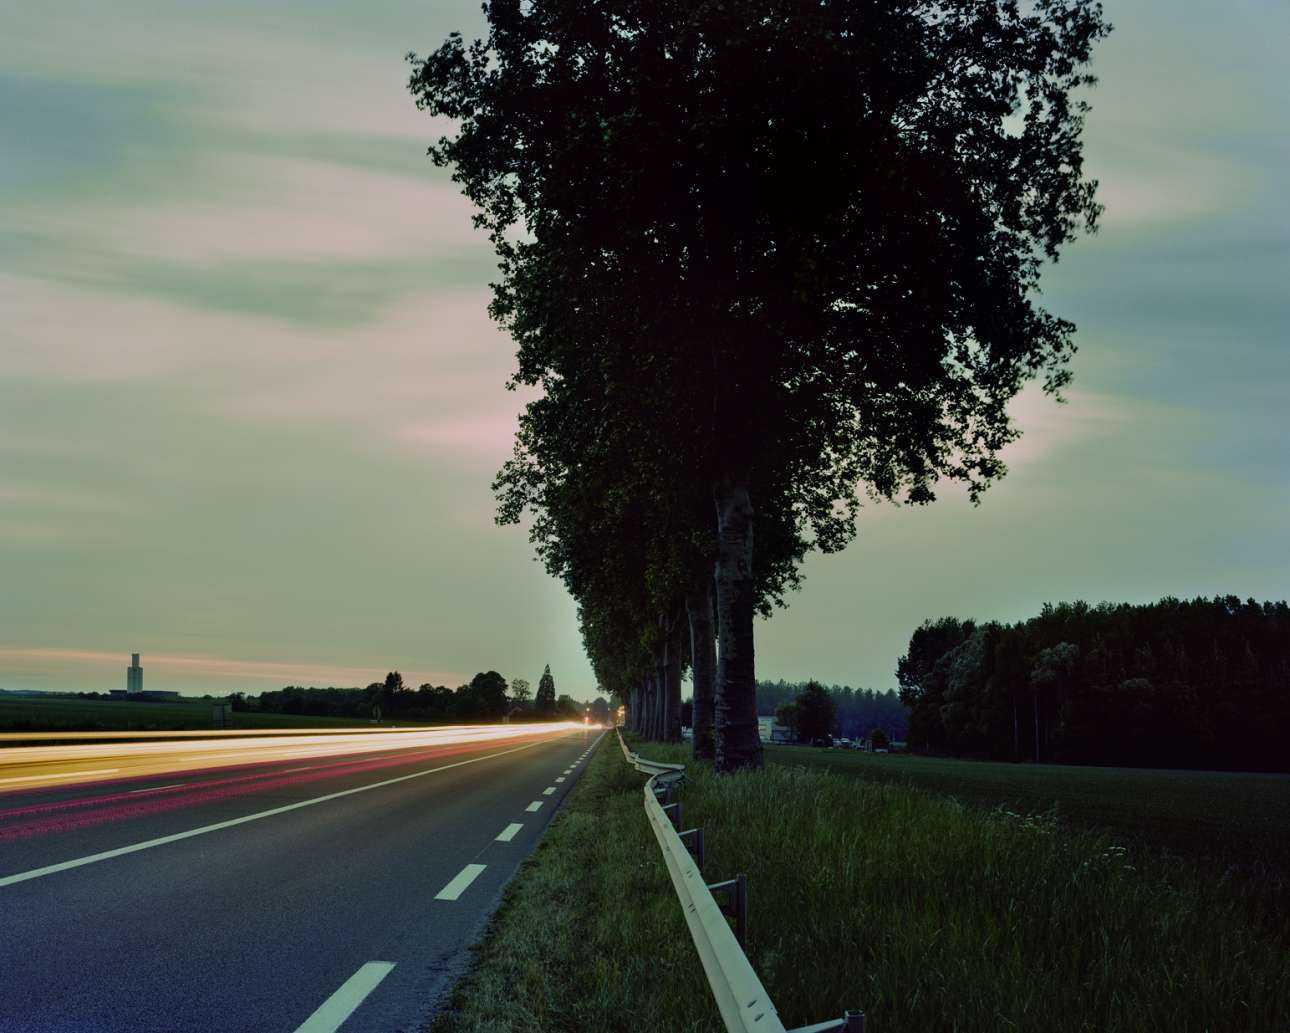 Αλμπέρ Καμί, Route Nationale 5, Γαλλία, 4 Ιανουαρίου 1960. Ο σπουδαίος συγγραφέας και φιλόσοφος έχασε τη ζωή του σε αυτό το δρόμο, όταν το αυτοκίνητο μάρκας Facel-Vega στο οποίο επέβαινε προσέκρουσε σε πλάτανους. Ο Καμί σκοτώνεται ακαριαία, ο Μισέλ Γκαλιμάρ -φίλος, εκδότης του και οδηγός- πέθανε έξι μέρες αργότερα. Τα αίτια του δυστυχήματος δεν διαπιστώθηκαν ποτέ